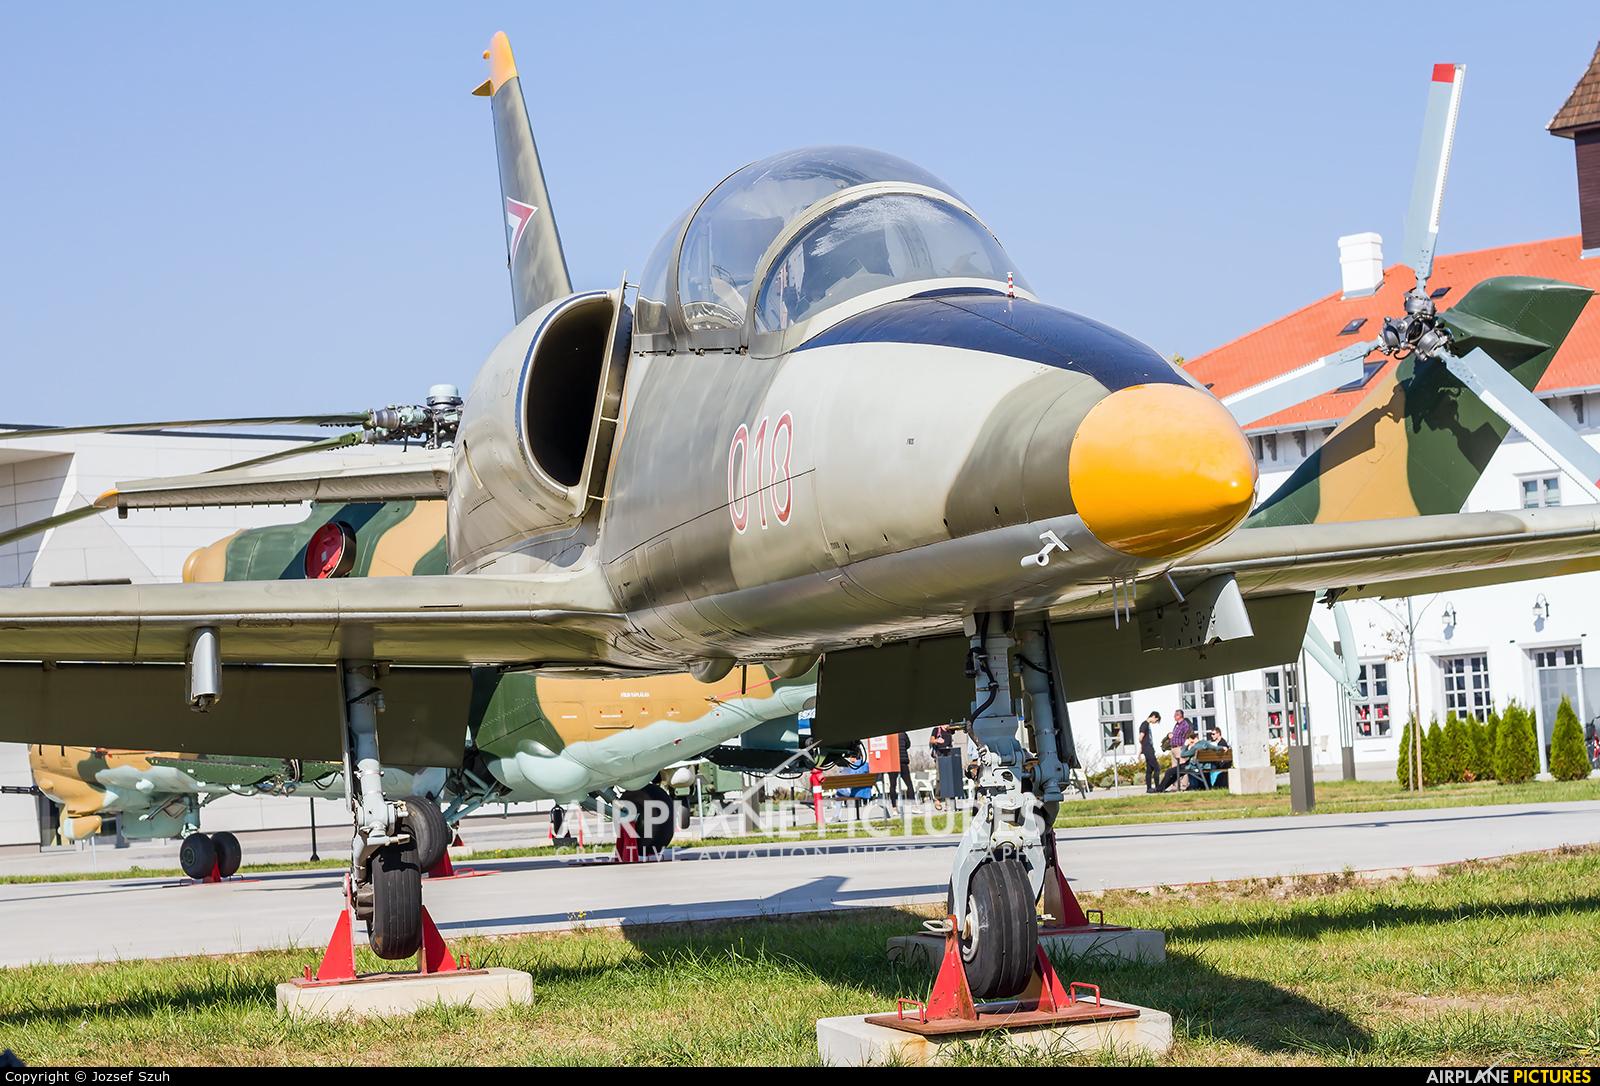 Hungary - Air Force 018 aircraft at Off Airport - Hungary